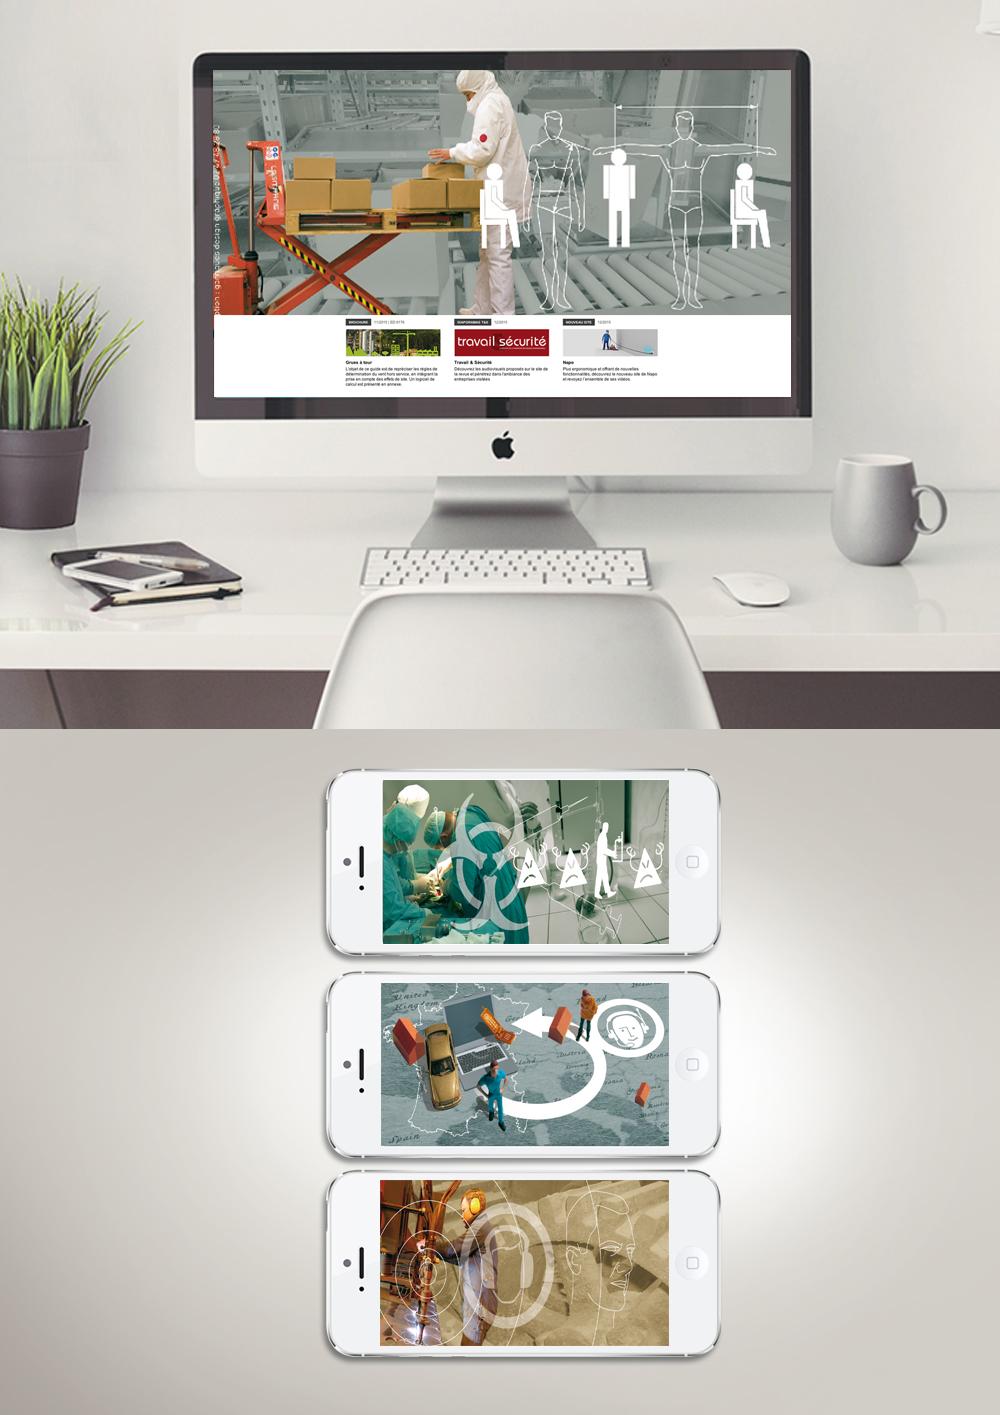 conception et création de visuels d'accueil de site web pour l'INRS